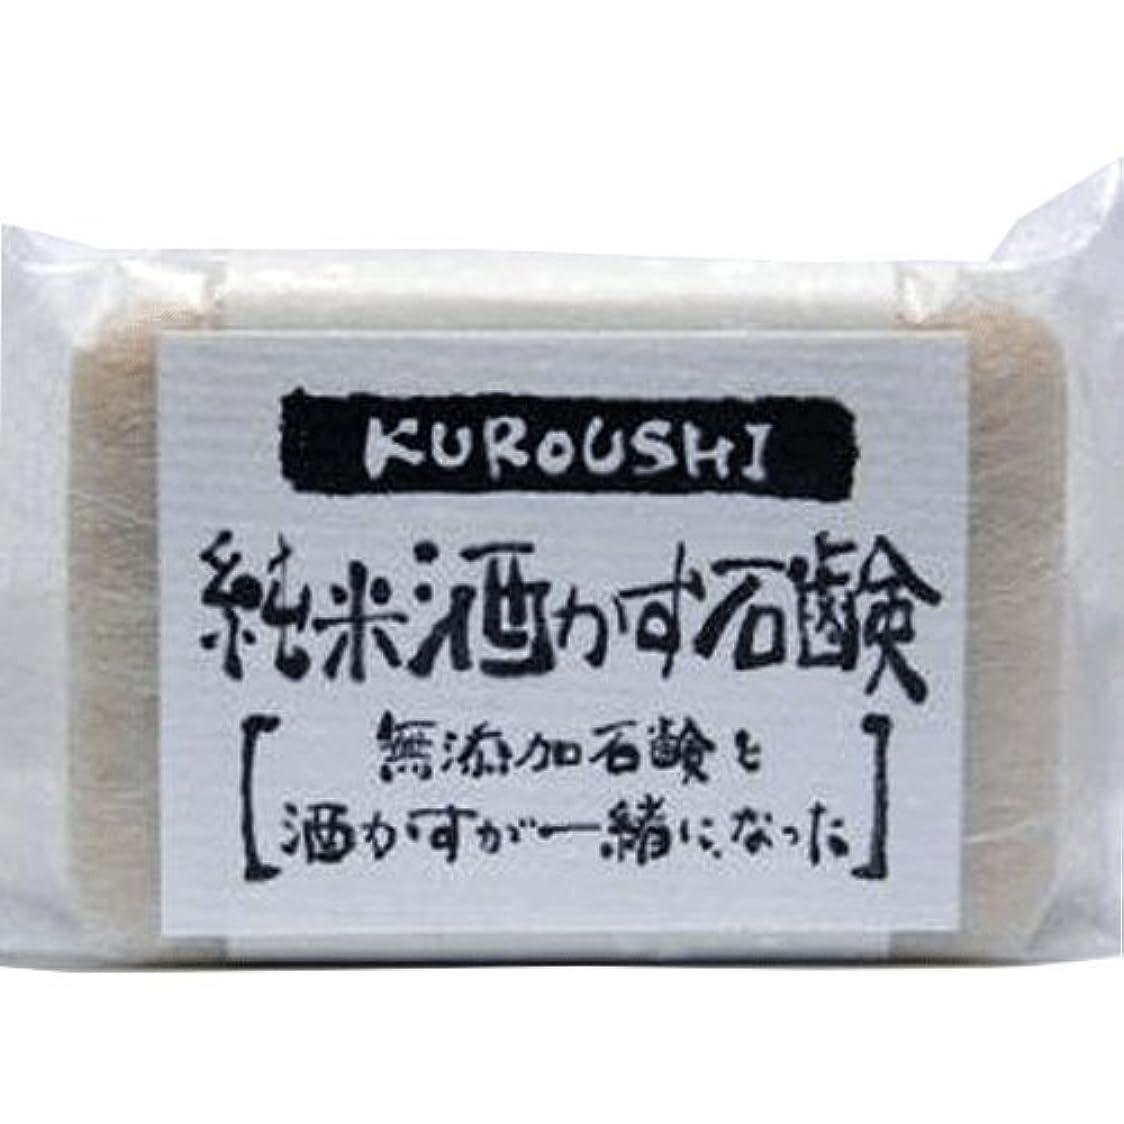 ディレクトリ合理的添付KUROUSHI 純米酒かす 無添加石鹸(せっけん) 120g 6個セット